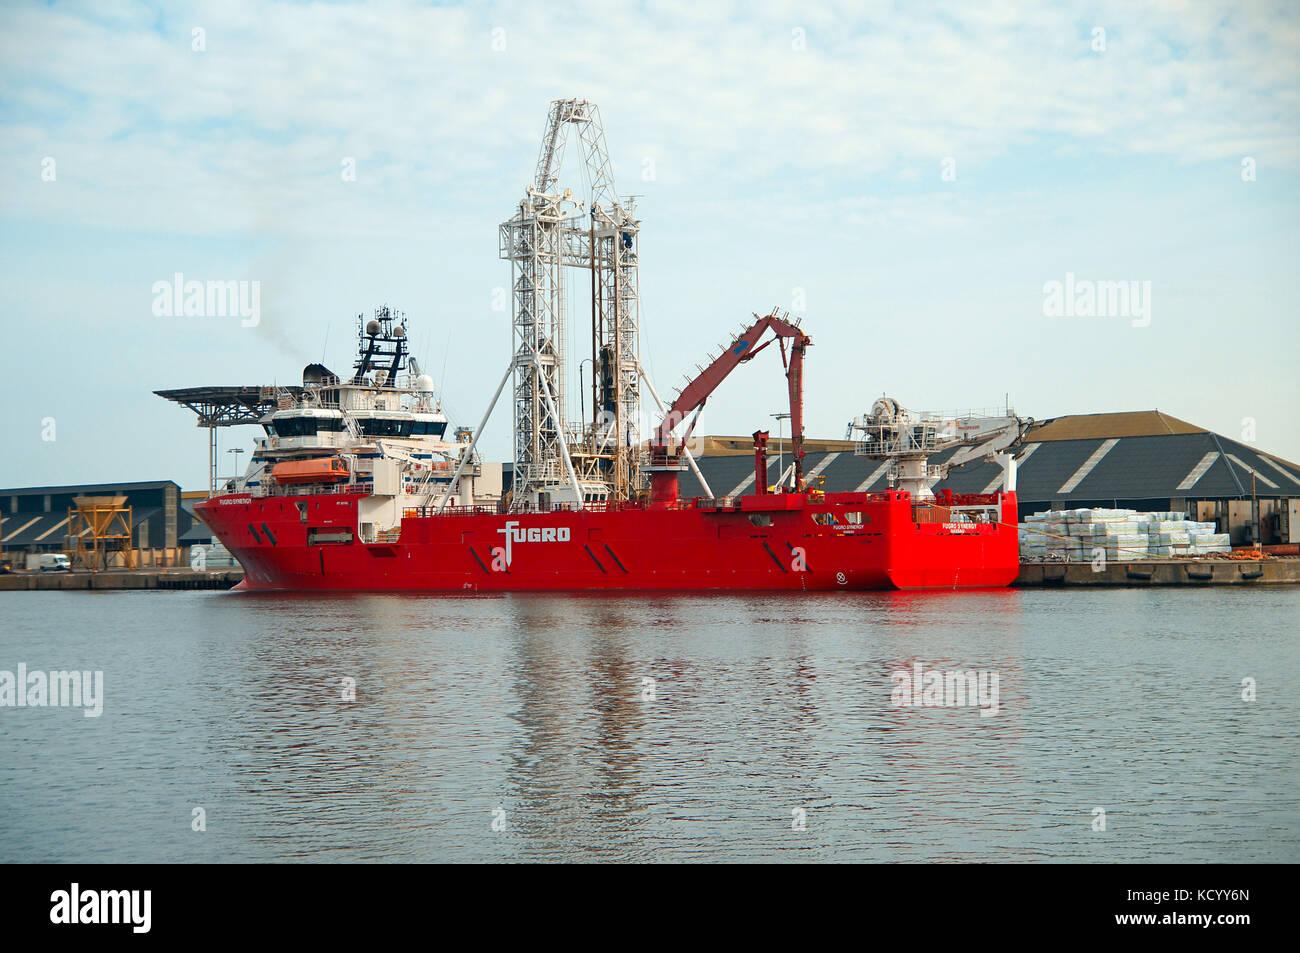 La fugro sinergia , aquí en el puerto de St Malo, representa una nueva generaton buque sonda de alta tecnología Imagen De Stock